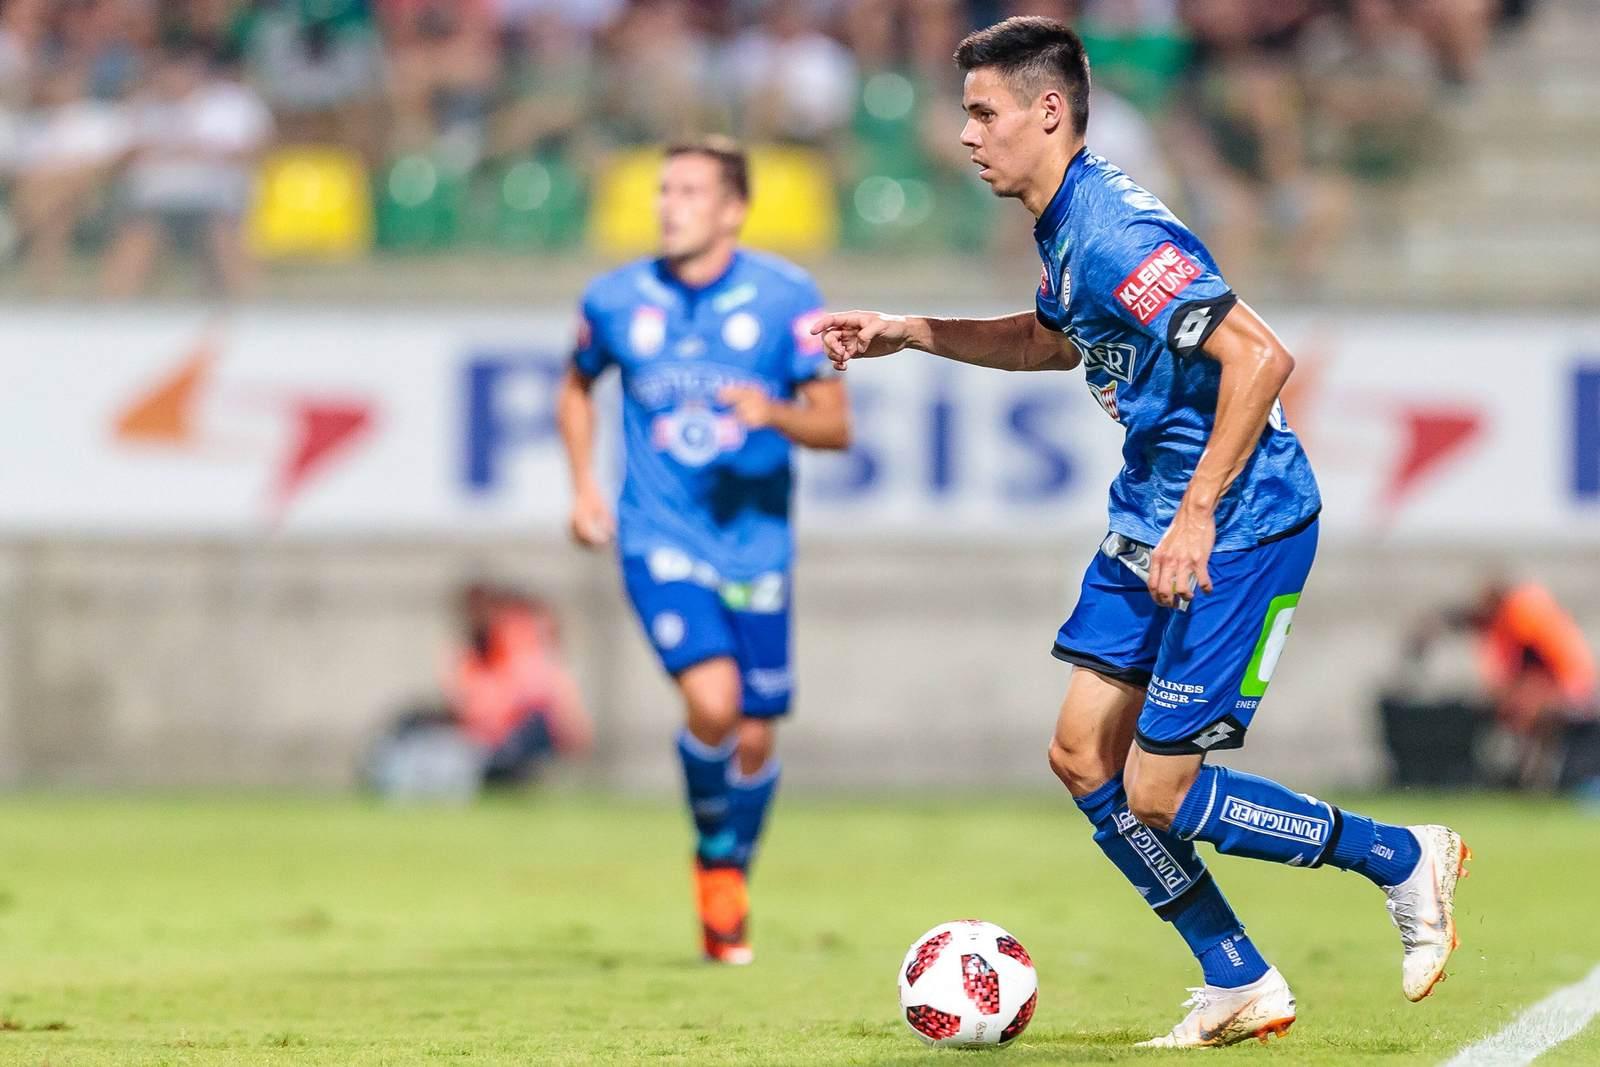 Raphael Obermair am Ball für den SK Sturm Graz